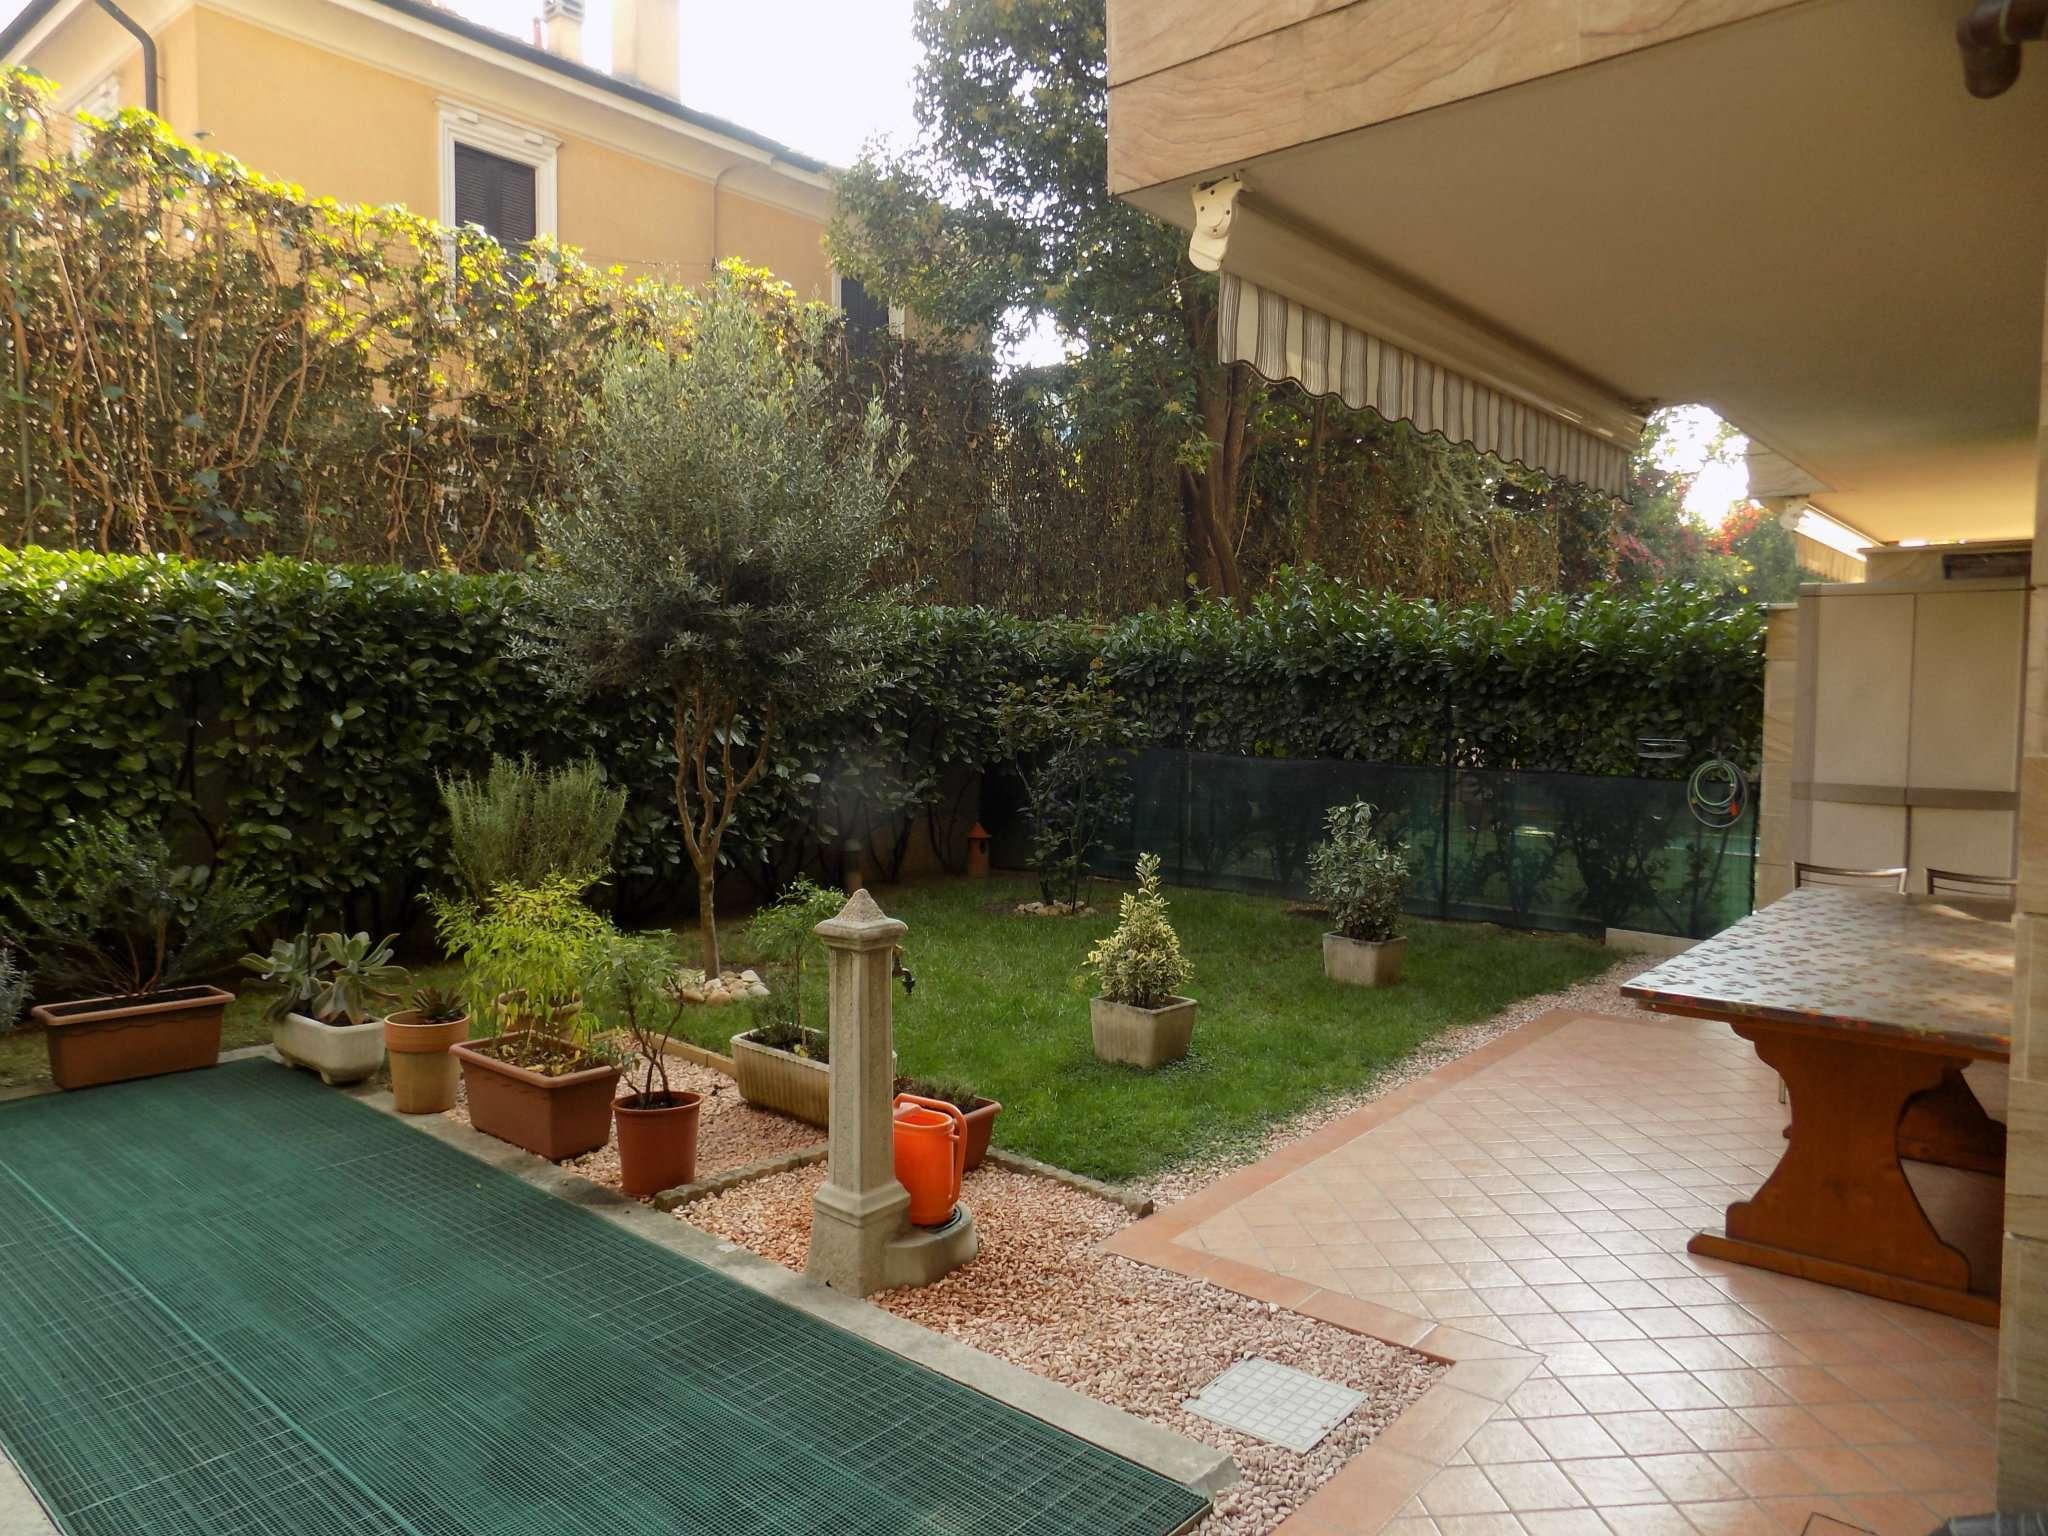 Appartamento in vendita a Senago, 3 locali, prezzo € 295.000 | CambioCasa.it